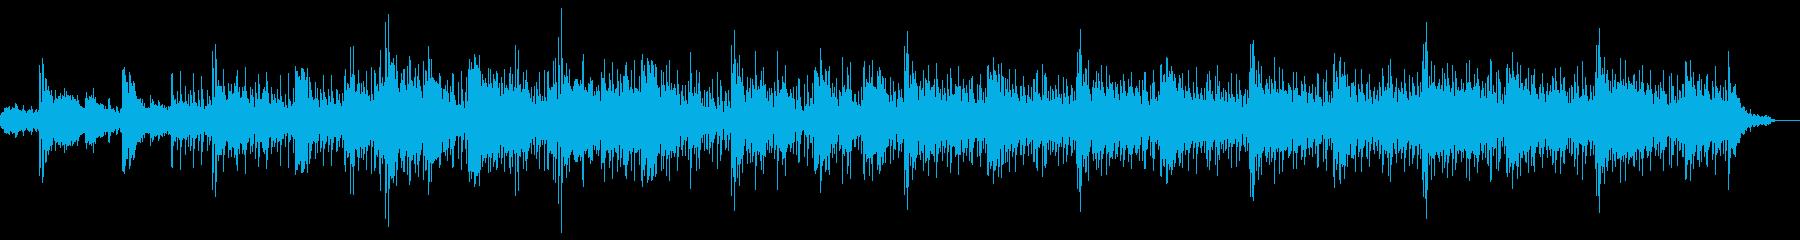 金管楽器の鮮明な高音が魅力的なポップスの再生済みの波形